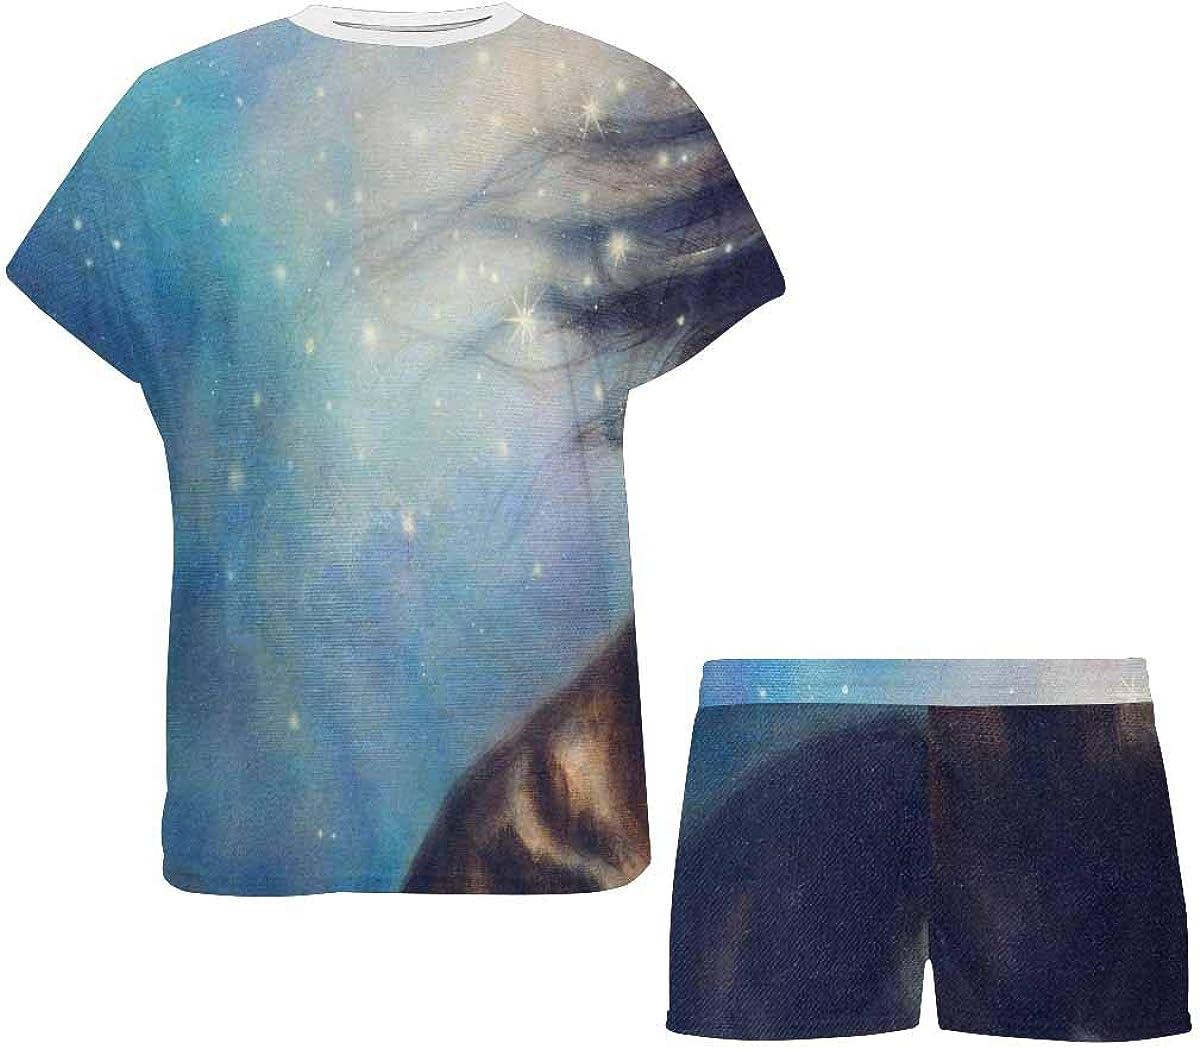 INTERESTPRINT Black Unicorn Dancing in Space Painting Women Sleepwear Short Sleeves Pajama Sets